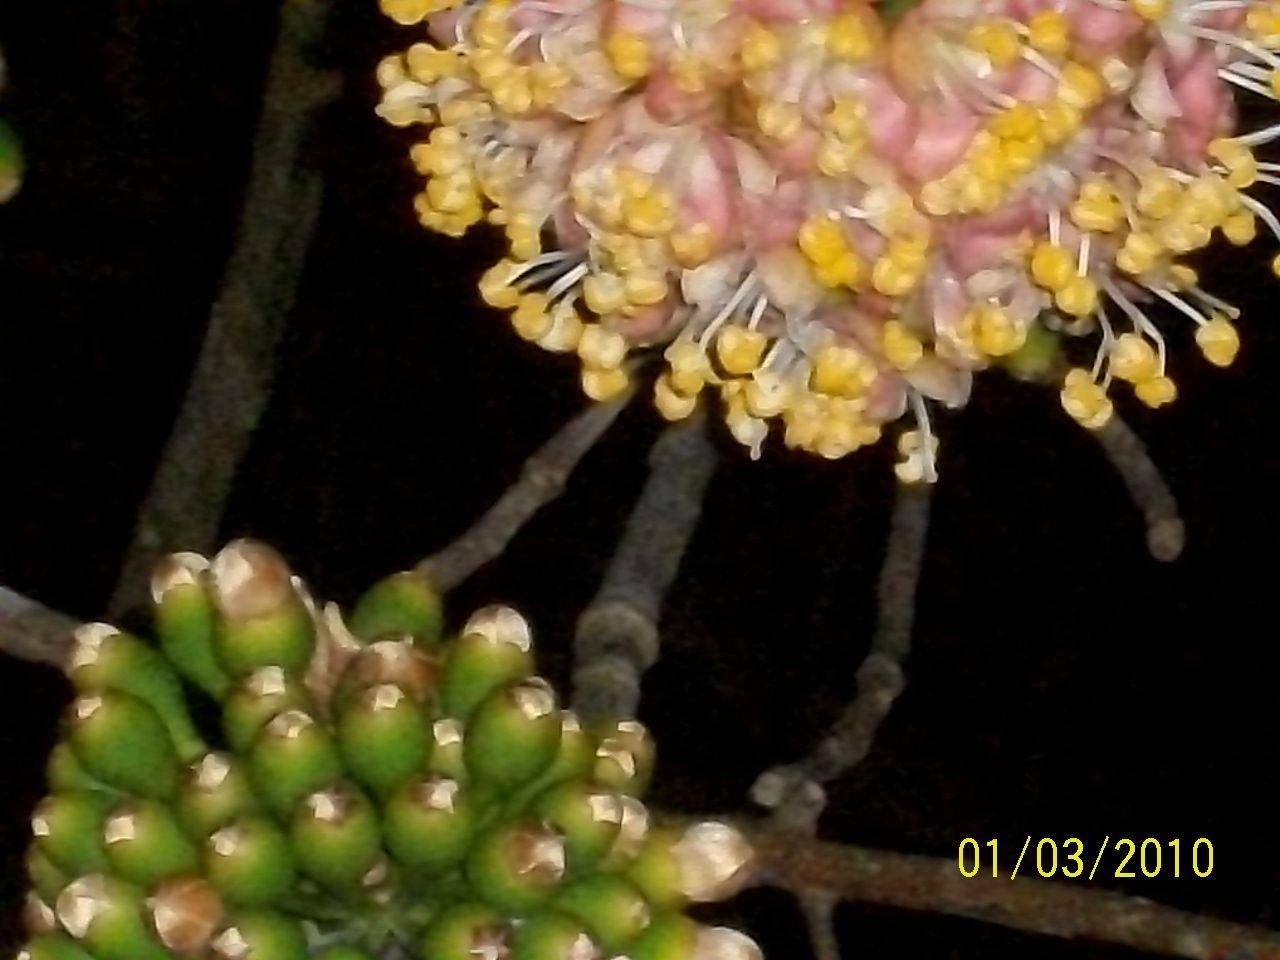 La Ceiba en una de sus etapas.PUERTO RICO